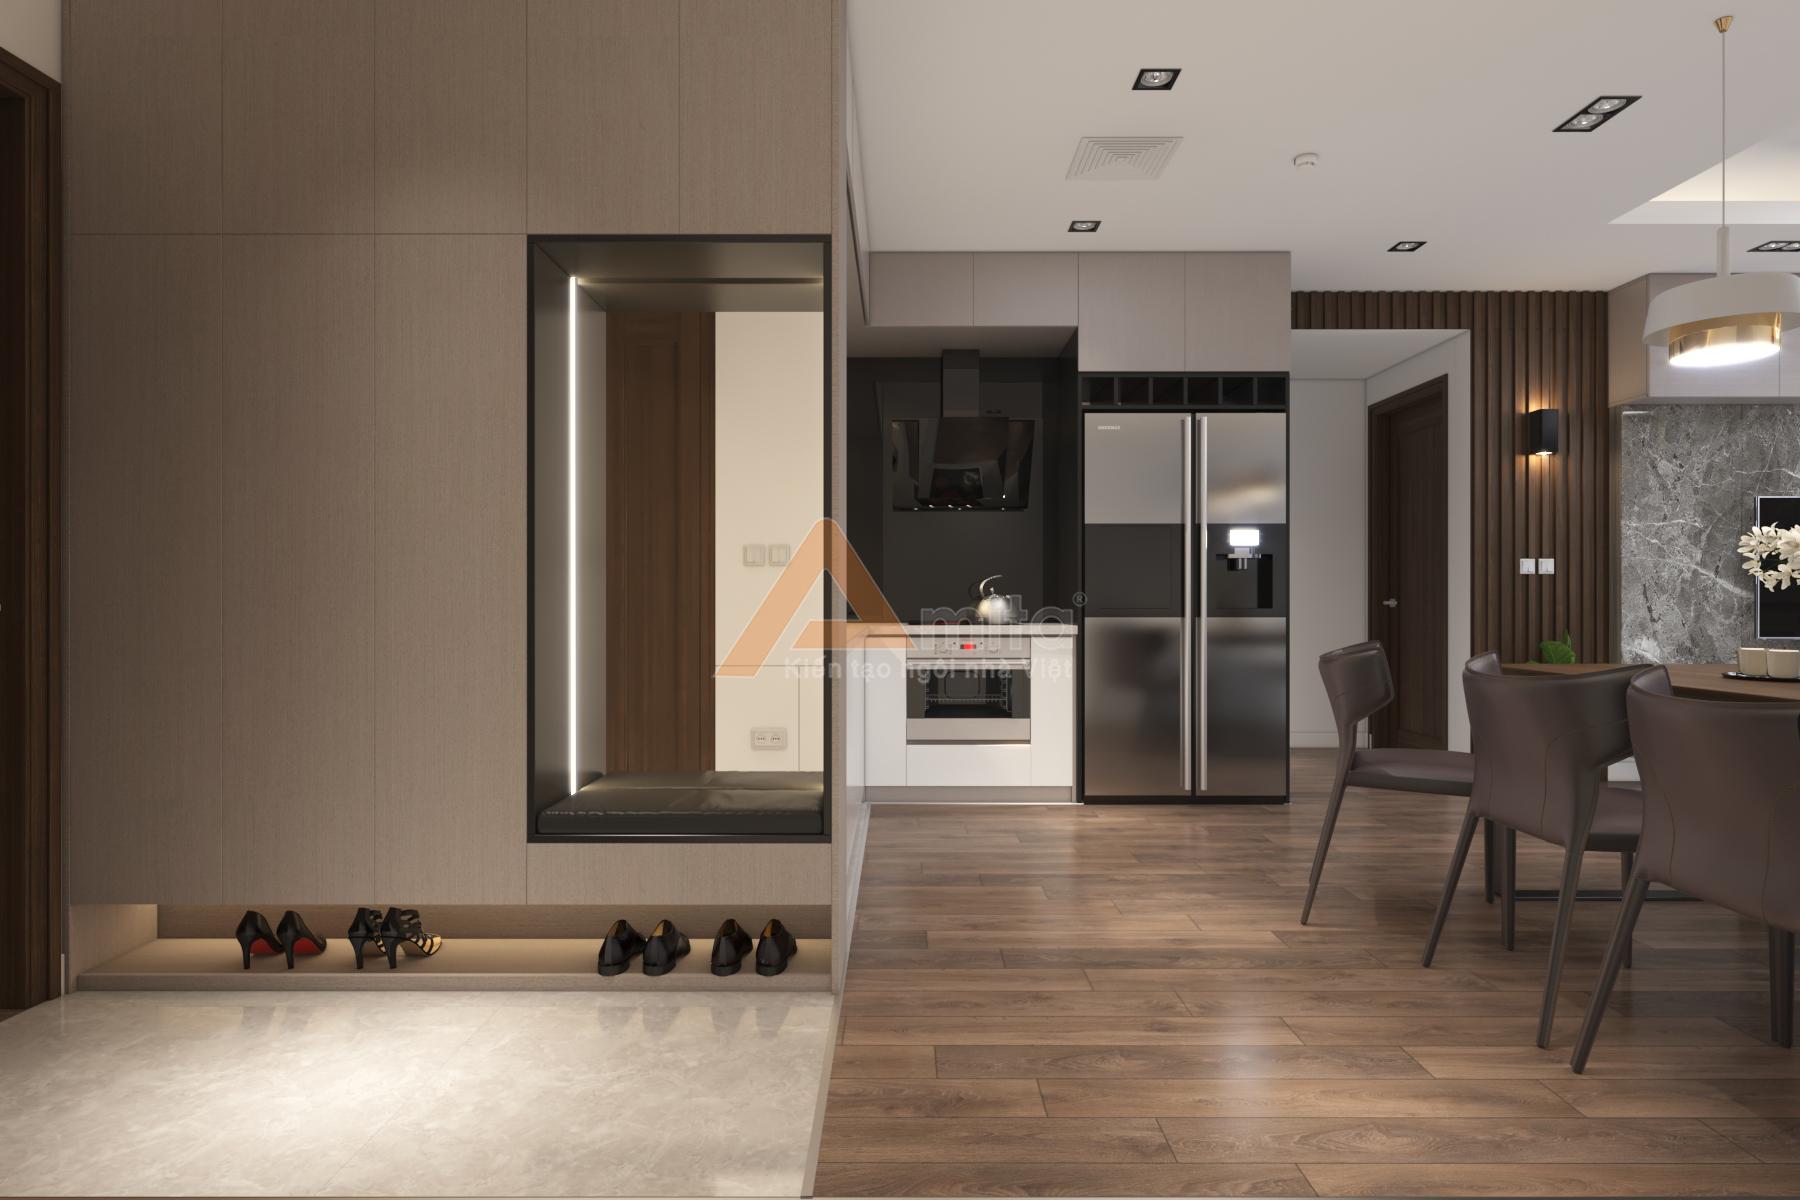 thiết kế nội thất chung cư tại Hà Nội Chung cư New Skyline - Văn Quán 0 1572341528